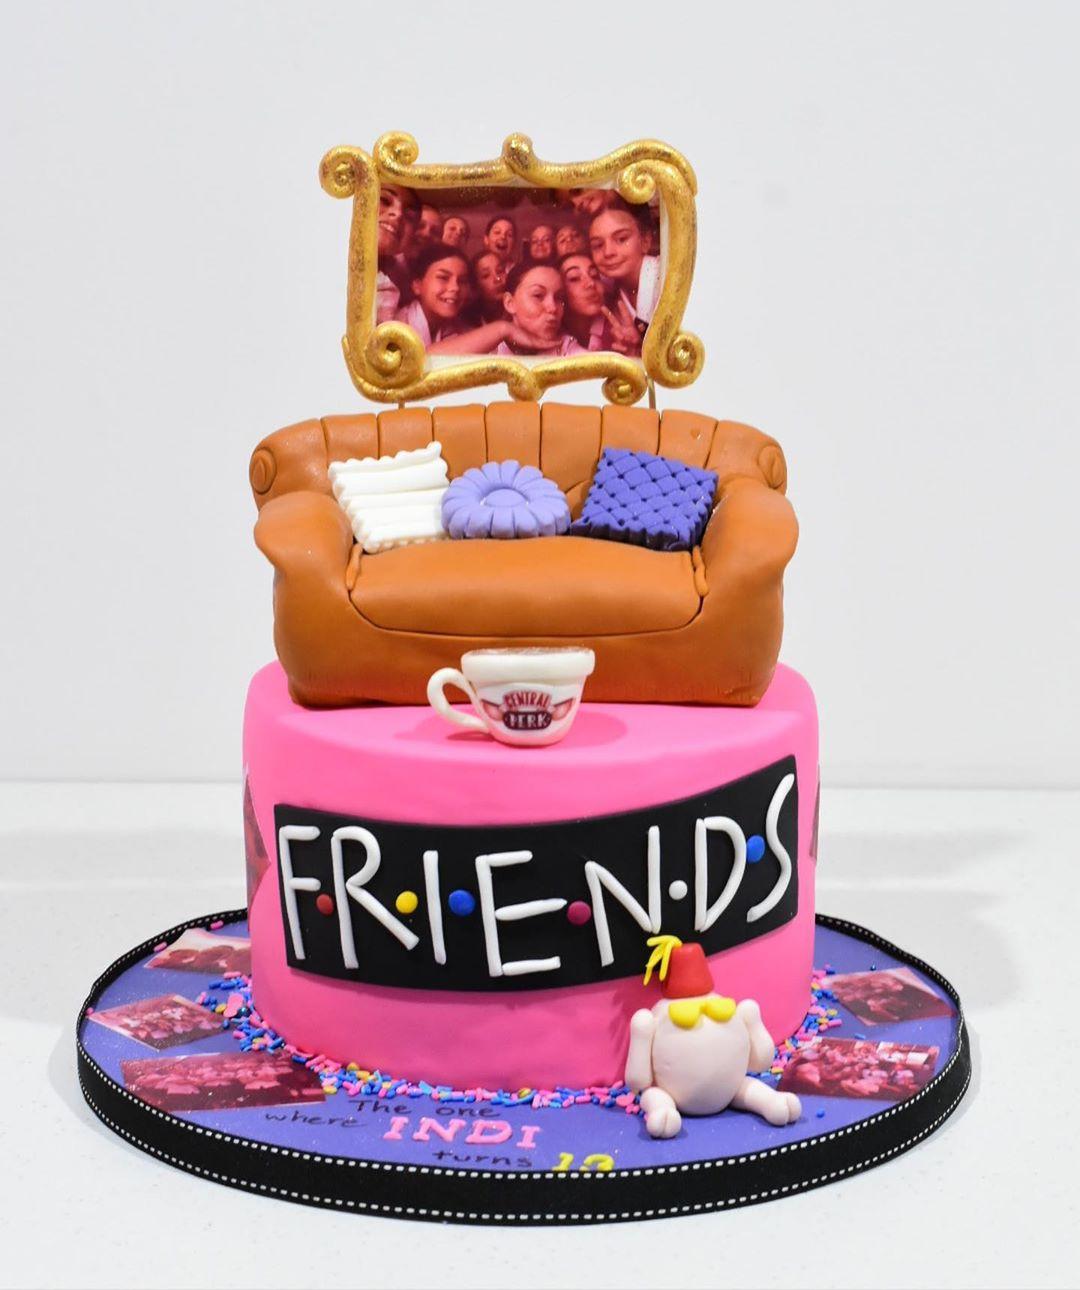 48 Super Tv Shows Birthday Friend Cake Ideas,friends cake decorations,friends birthday cake topper,friends themed cake decorations